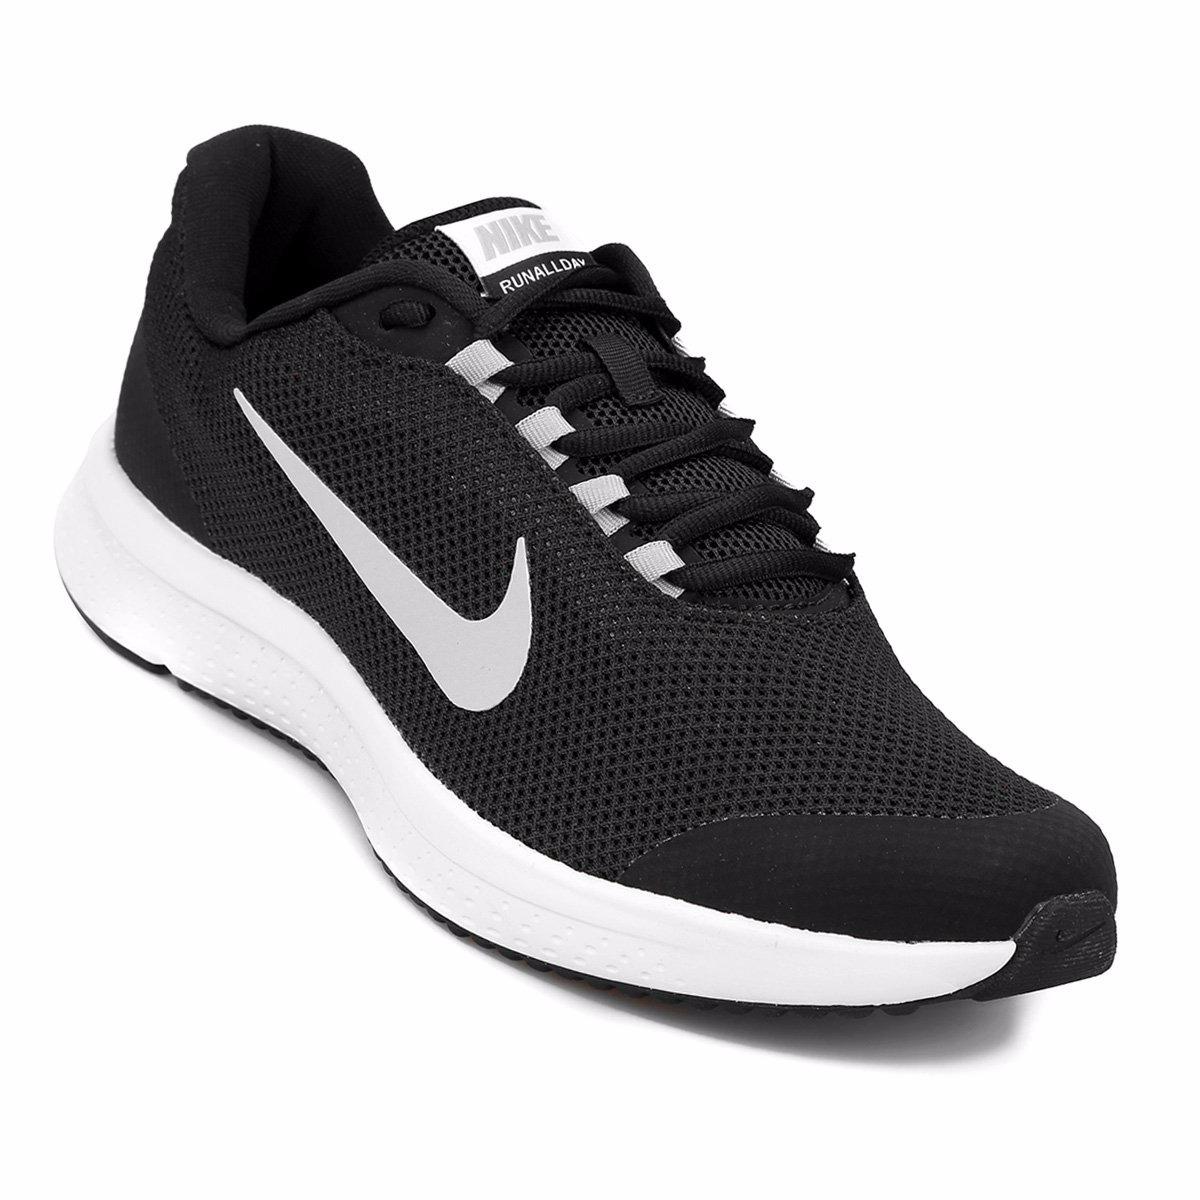 Zapatilla Running  Nike Runallday Negra Talles  Running 99 en 4084f1